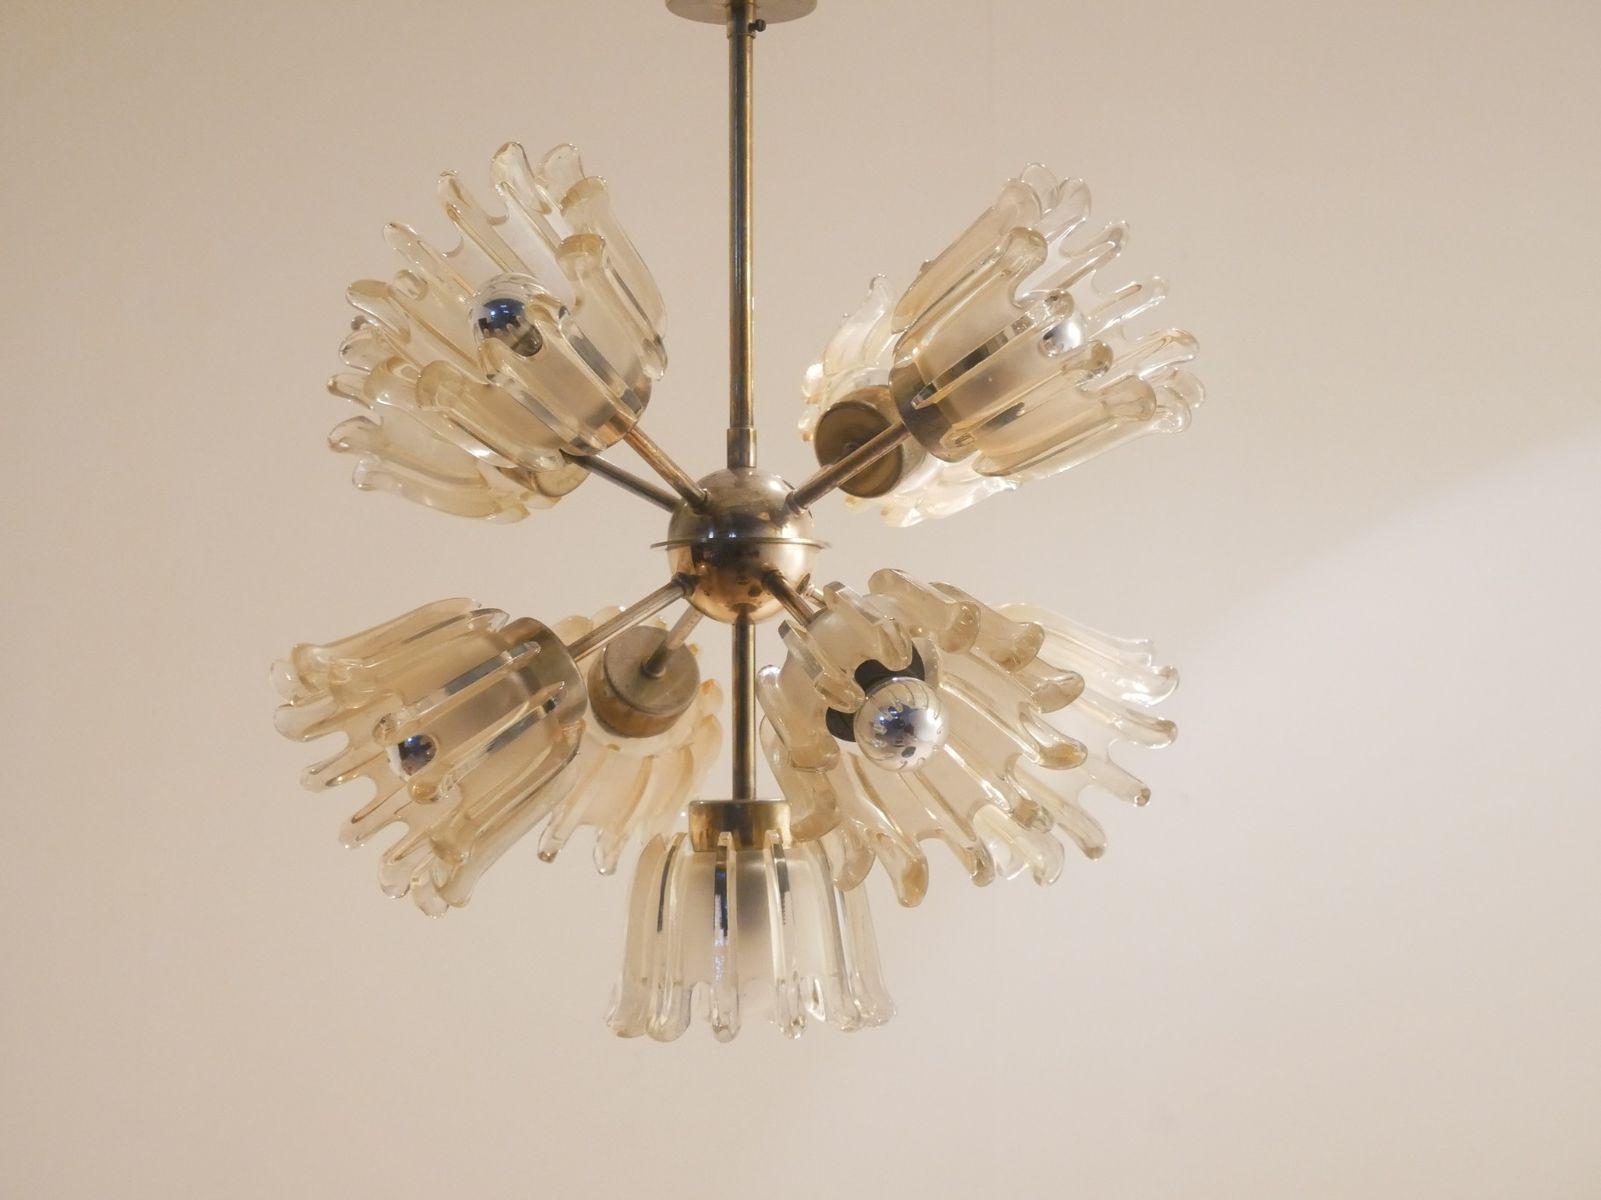 Plafoniere Vetro Di Murano Prezzi : Lampadario murano moderno prezzo: lampadari vetro